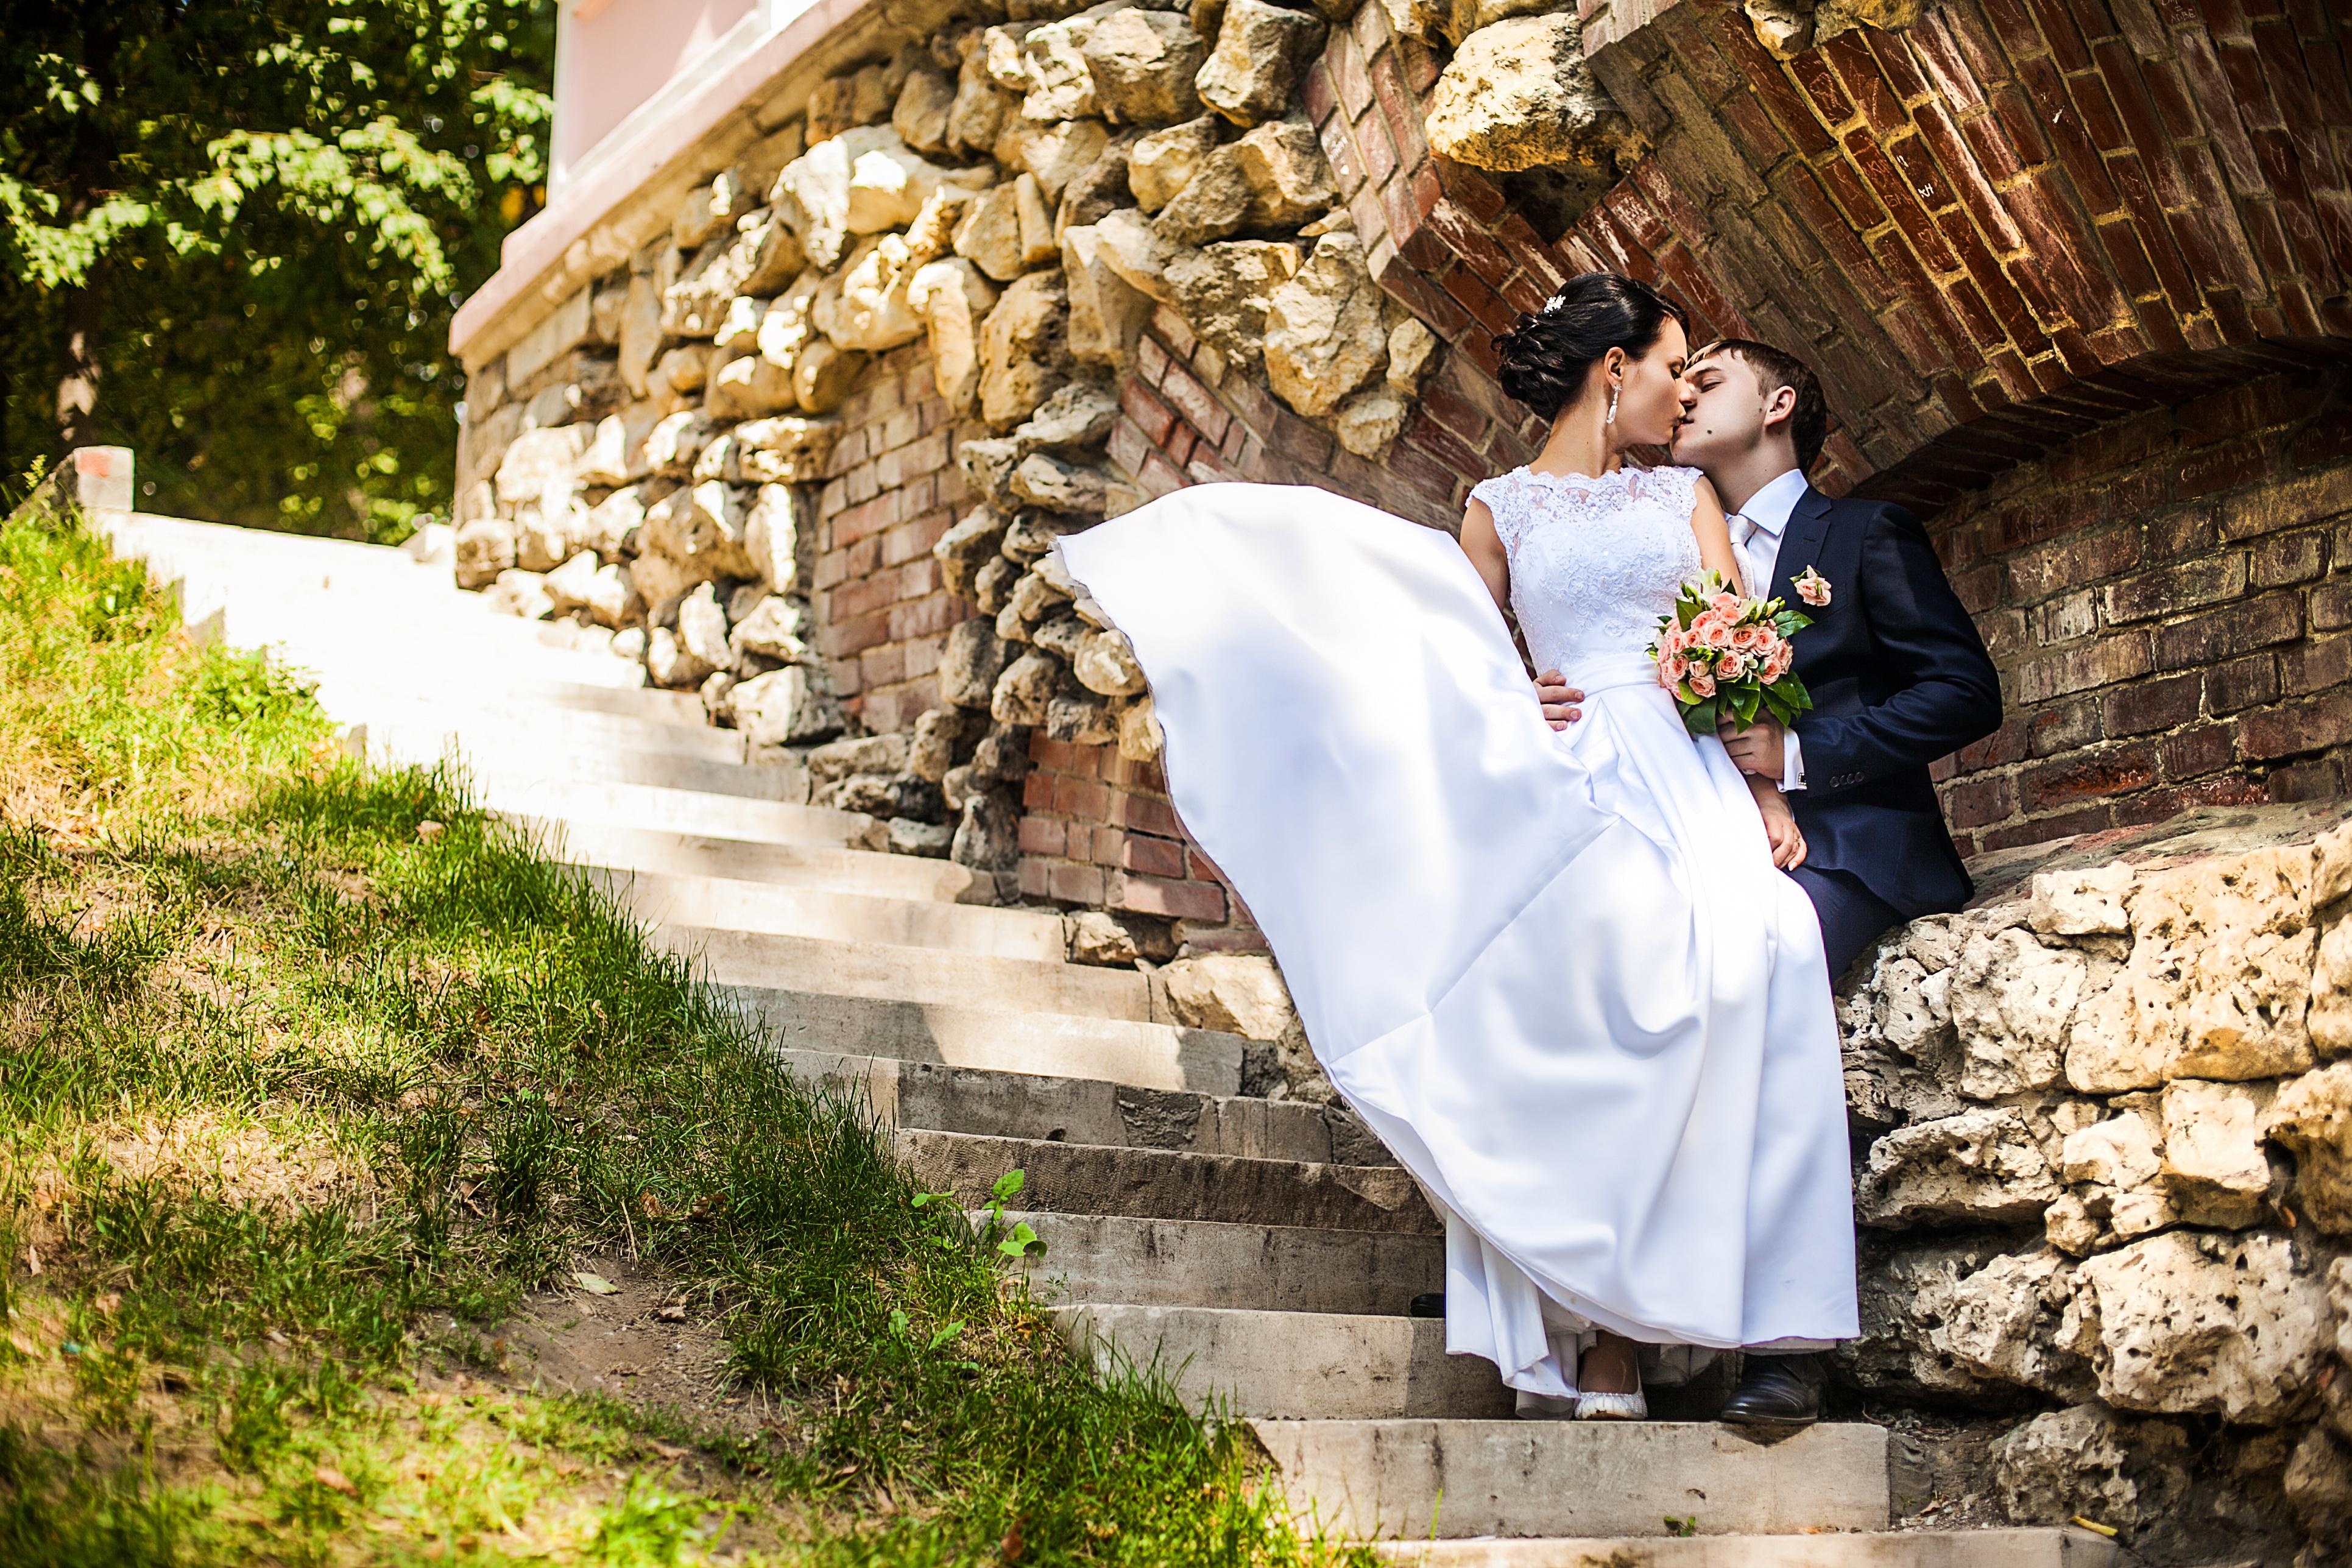 сайты мировых свадебных фотографов удивлюсь